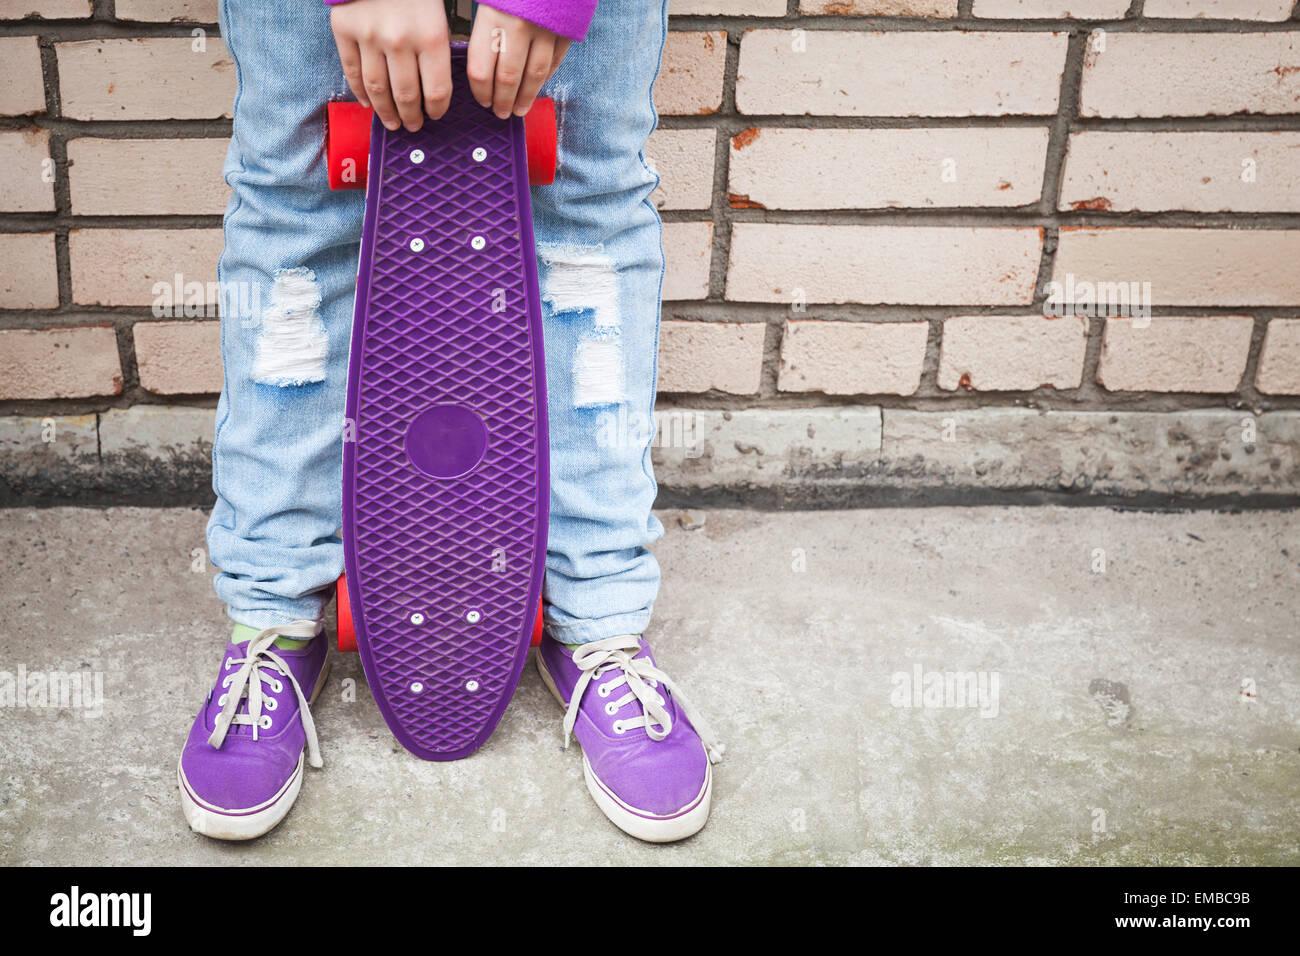 Adolescente en jeans y gumshoes posee cerca de monopatín urbano gris pared de ladrillo Imagen De Stock